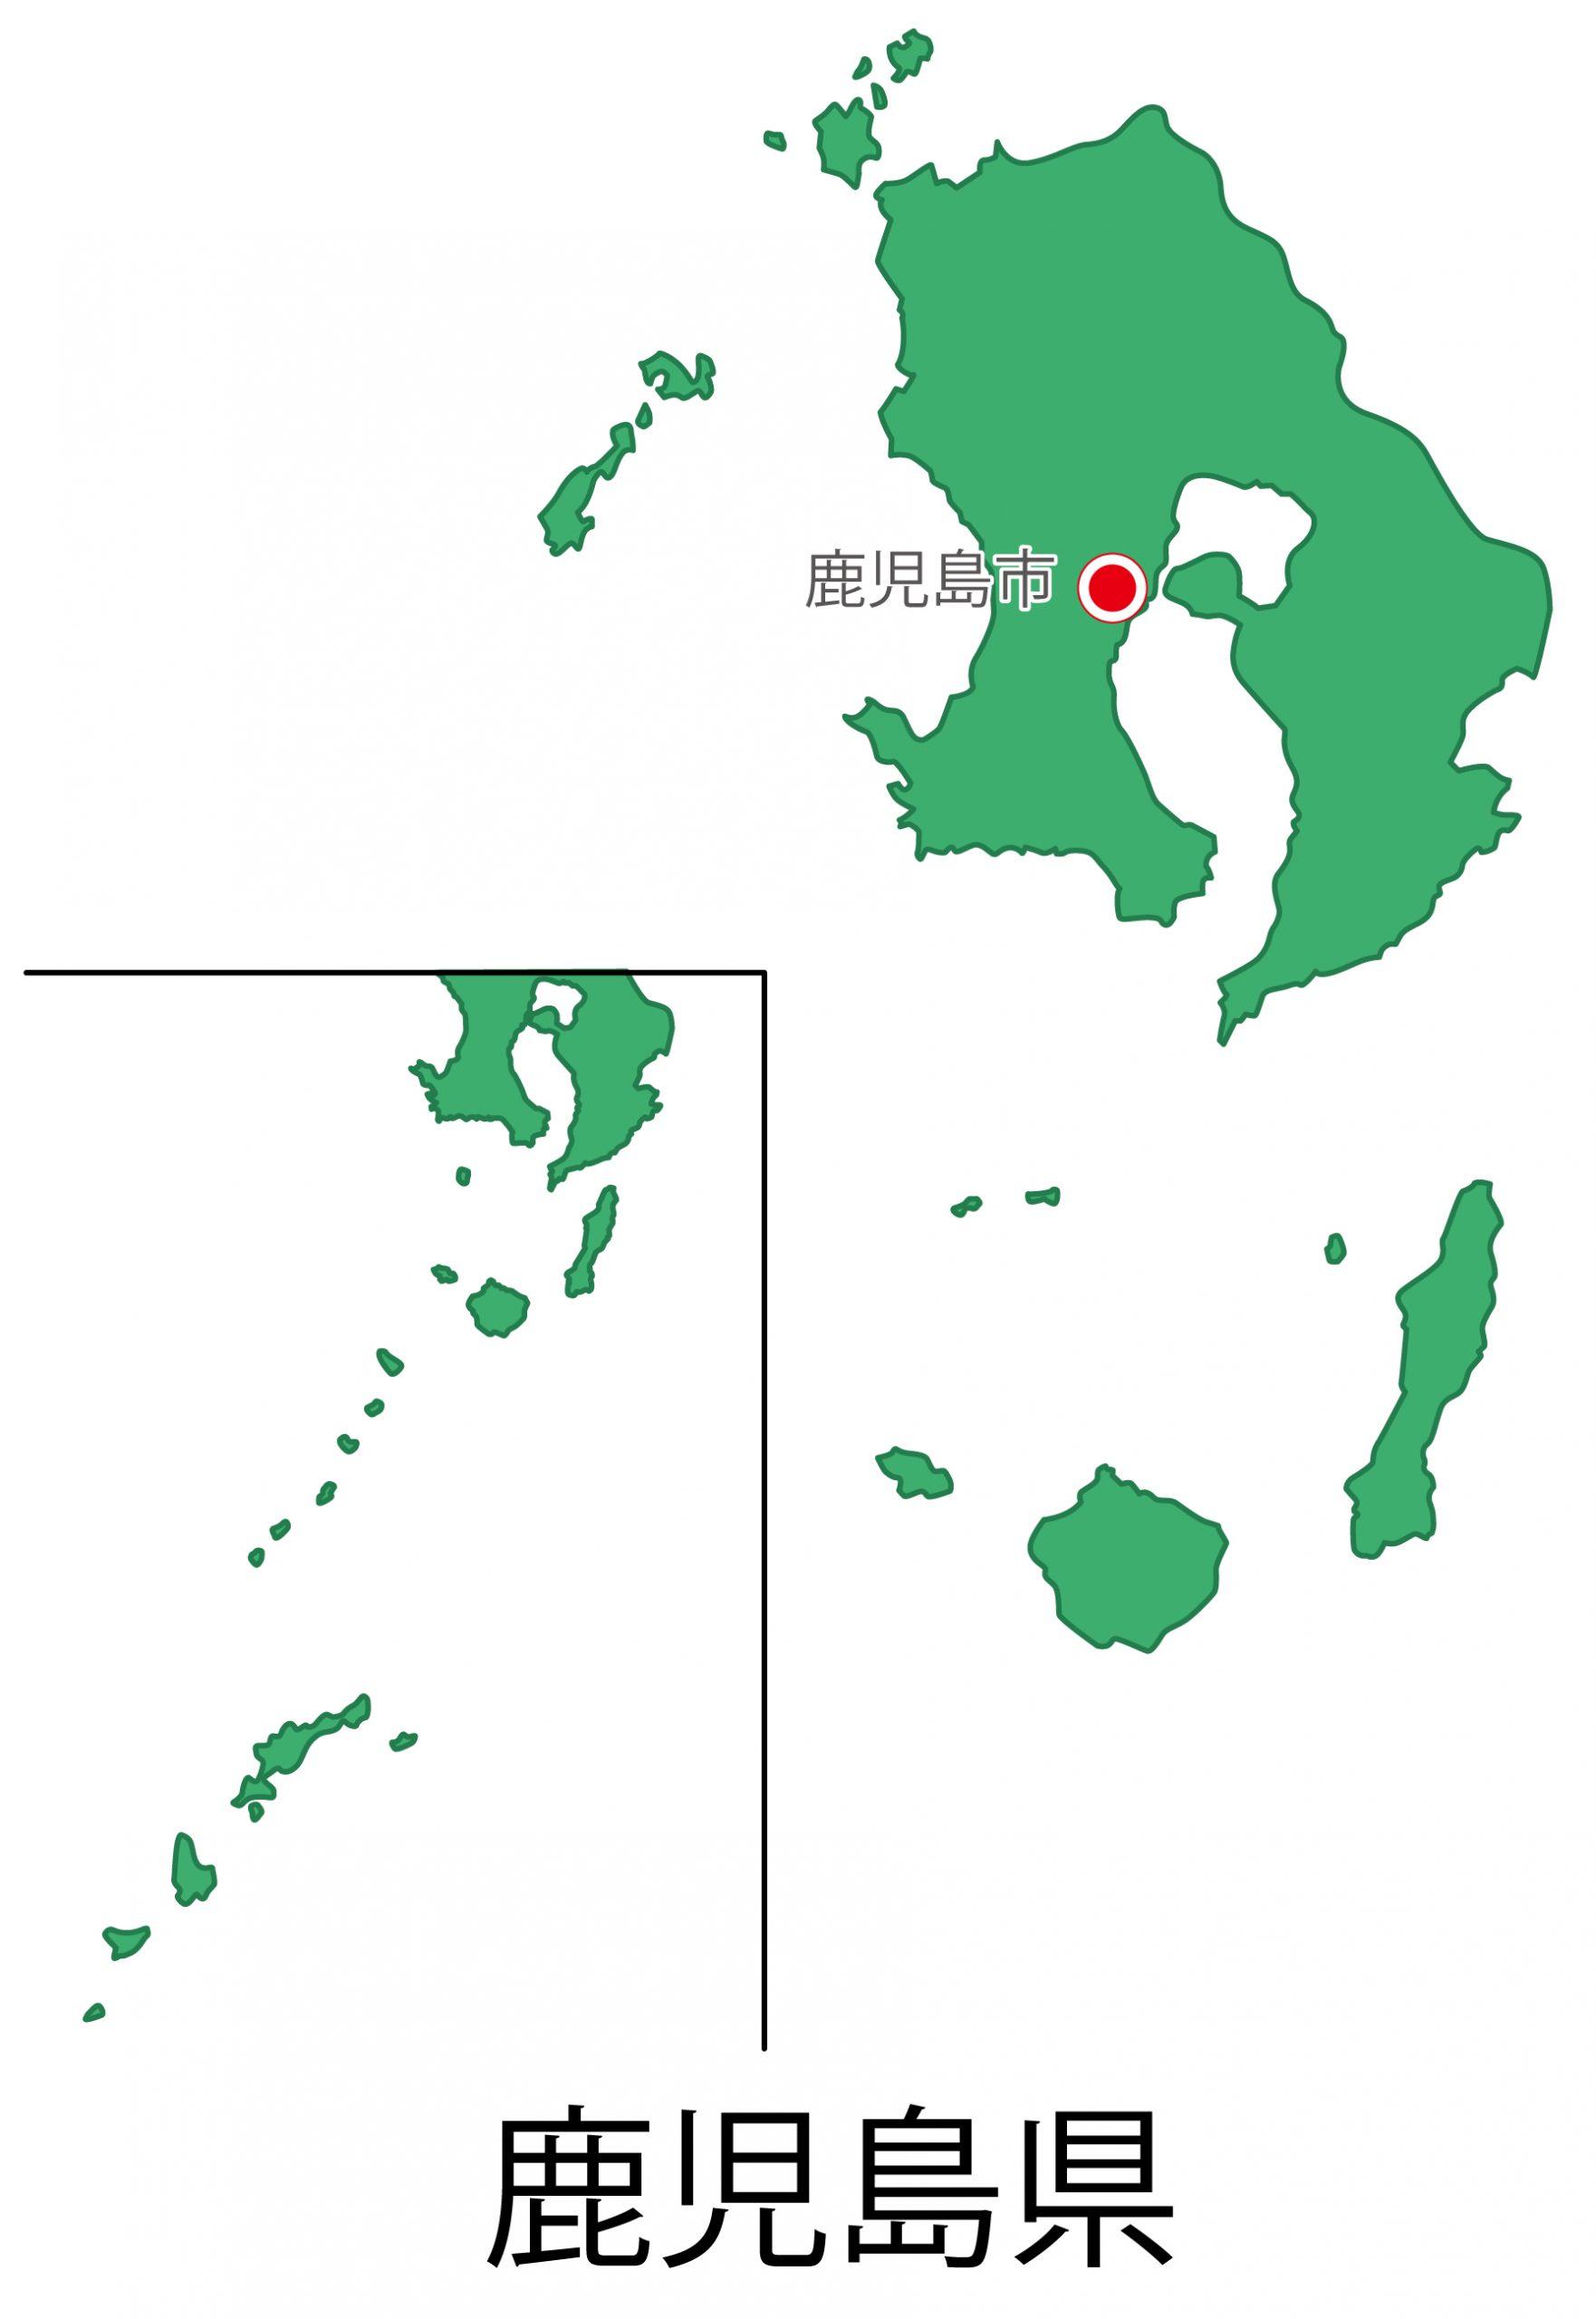 鹿児島県無料フリーイラスト|日本語・都道府県名あり・県庁所在地あり(緑)